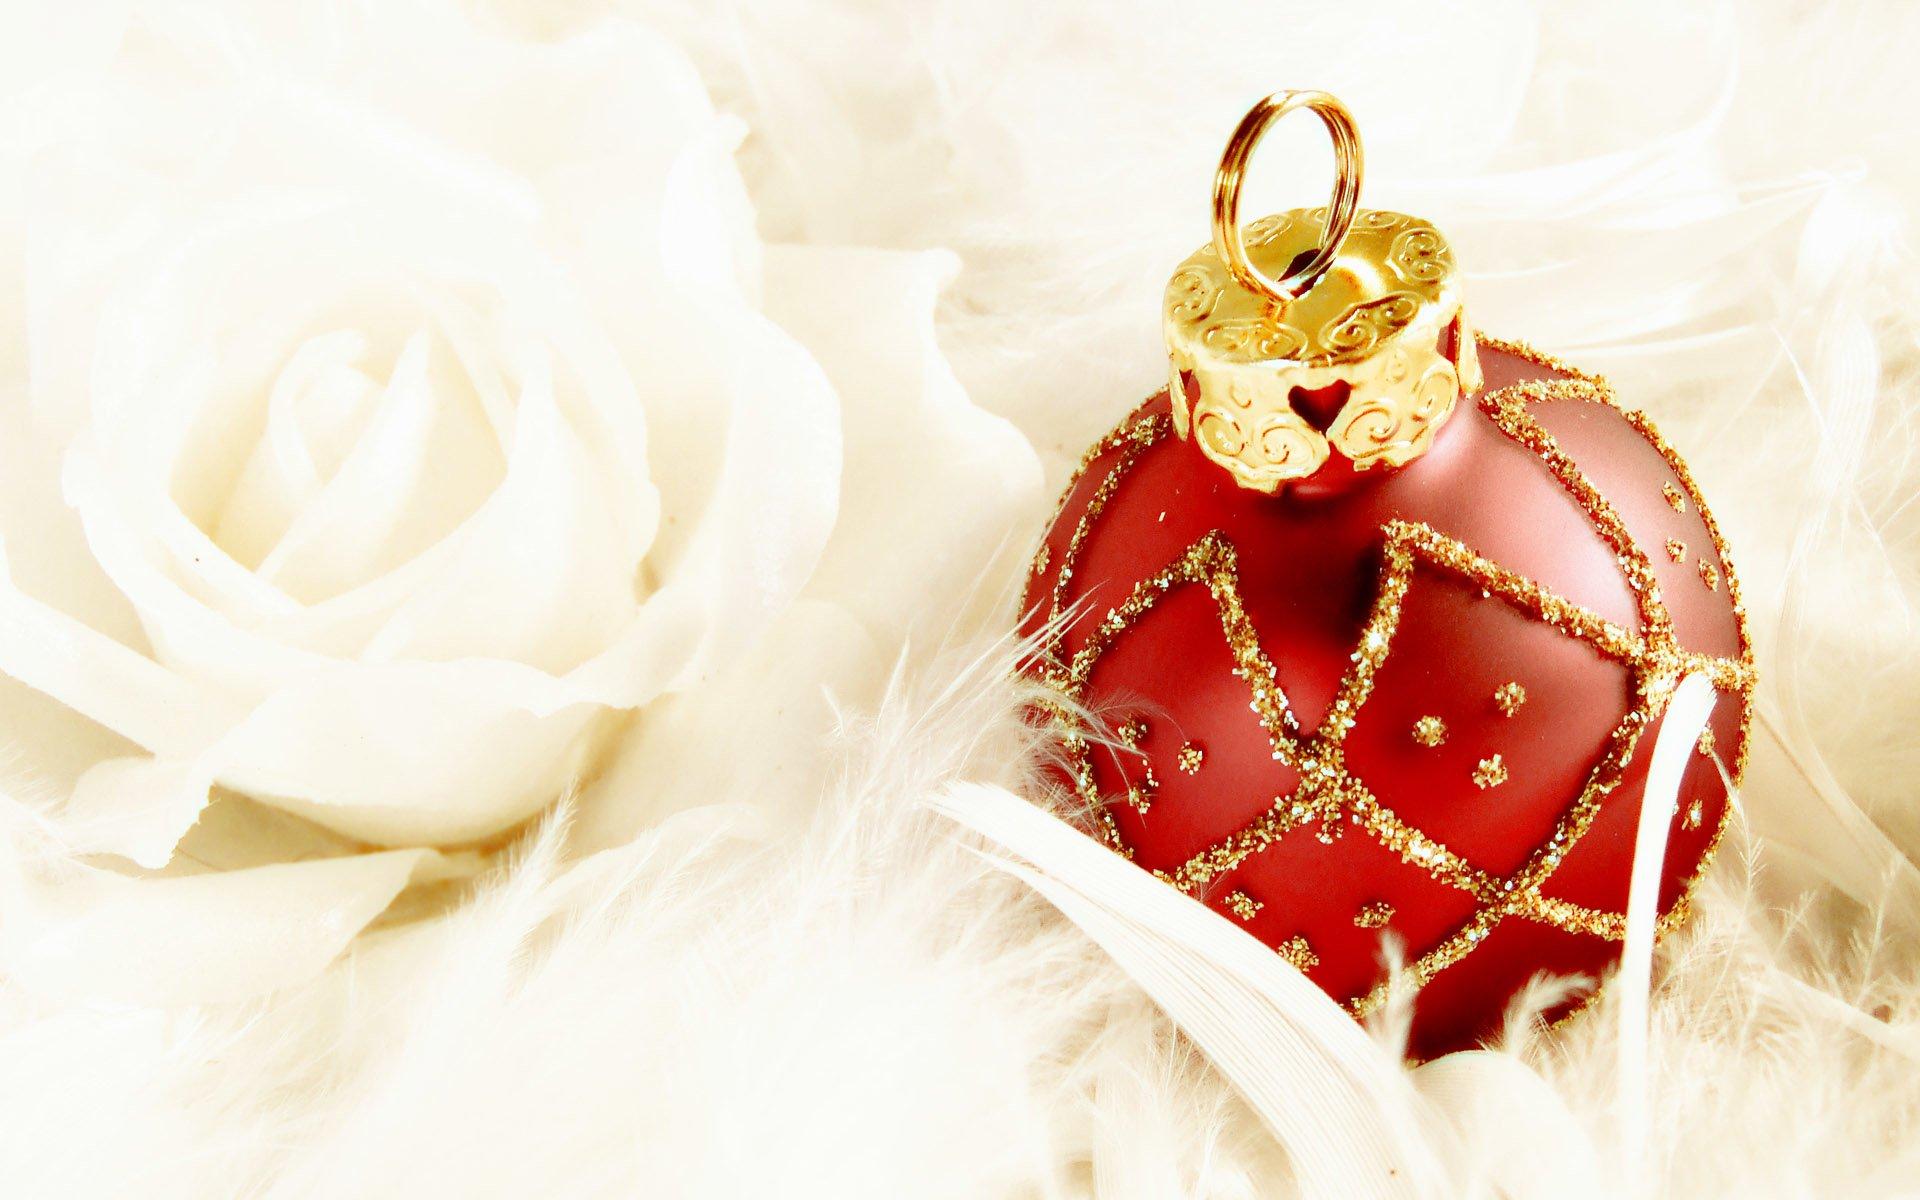 Rose christmas ornament - Holiday Christmas Holiday Christmas Ornaments Red White Rose Wallpaper